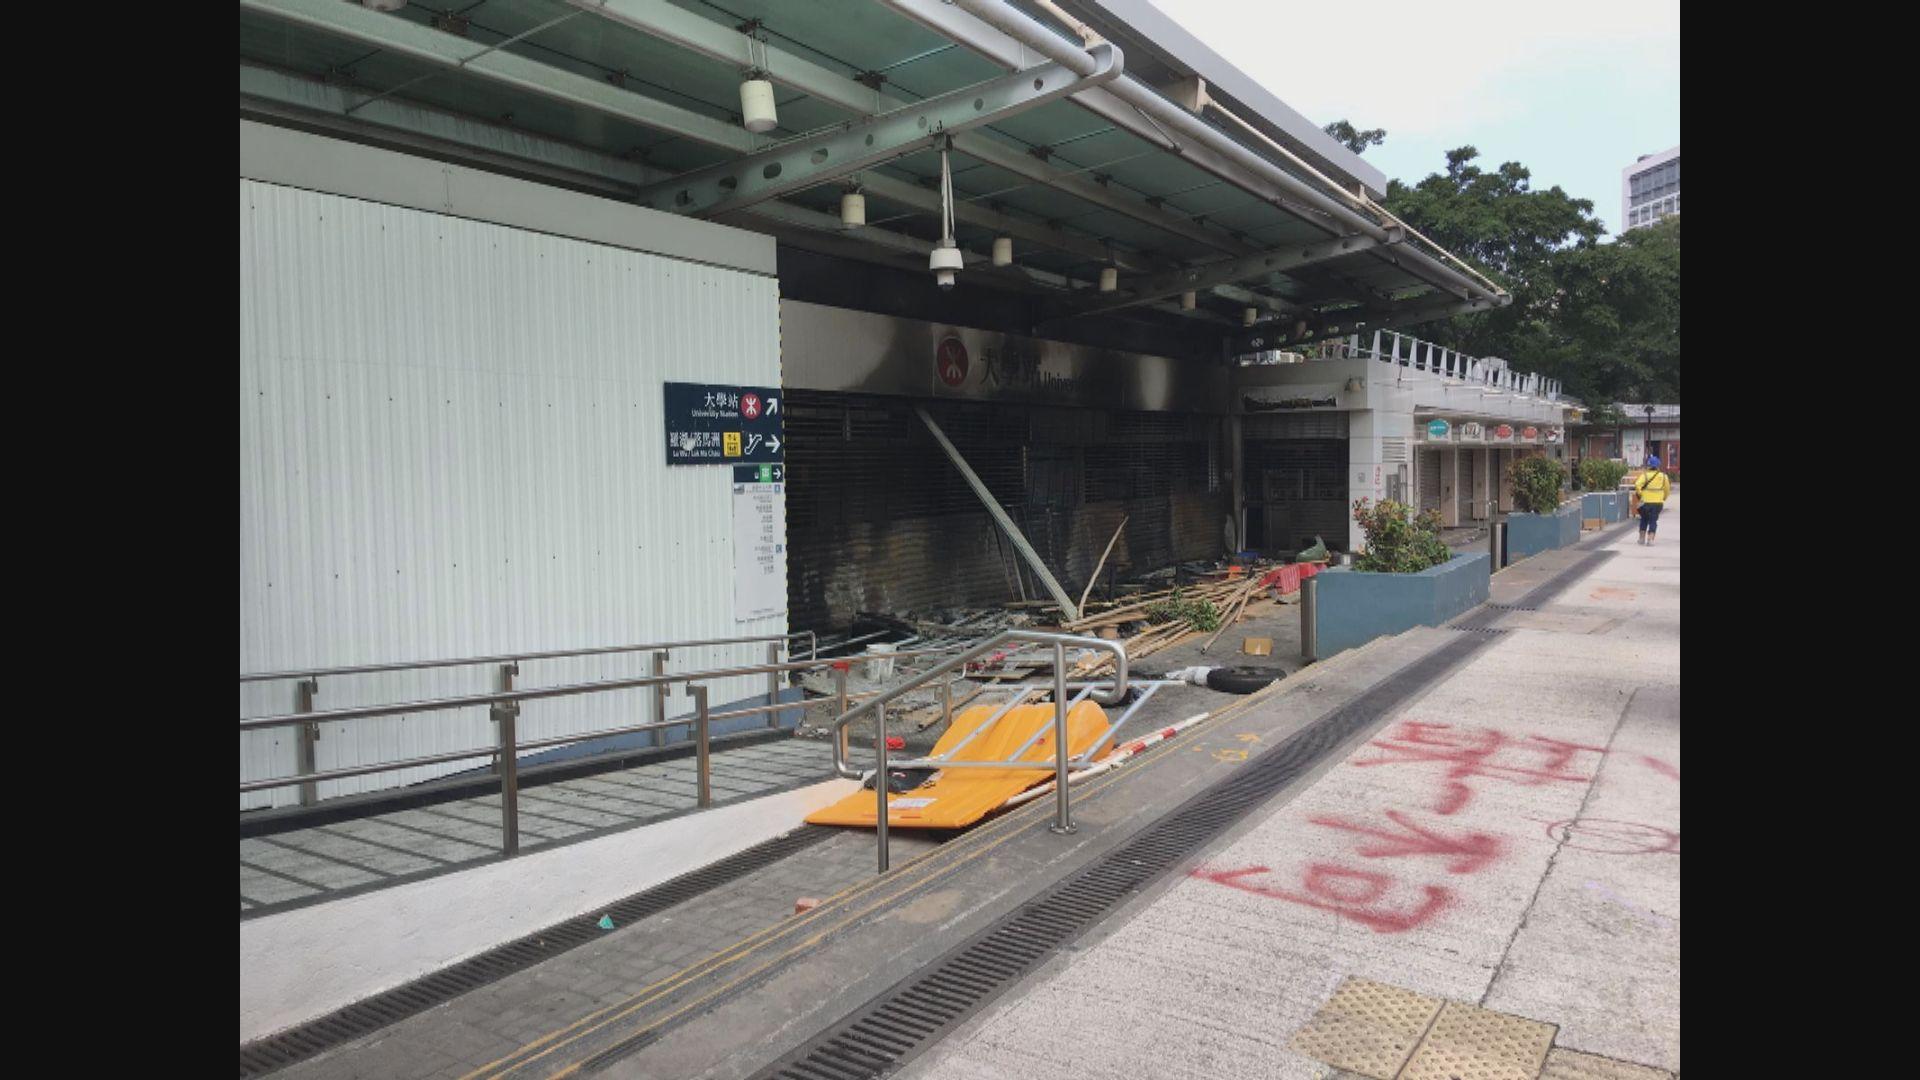 港鐵預計大學站需長時間檢查及評估